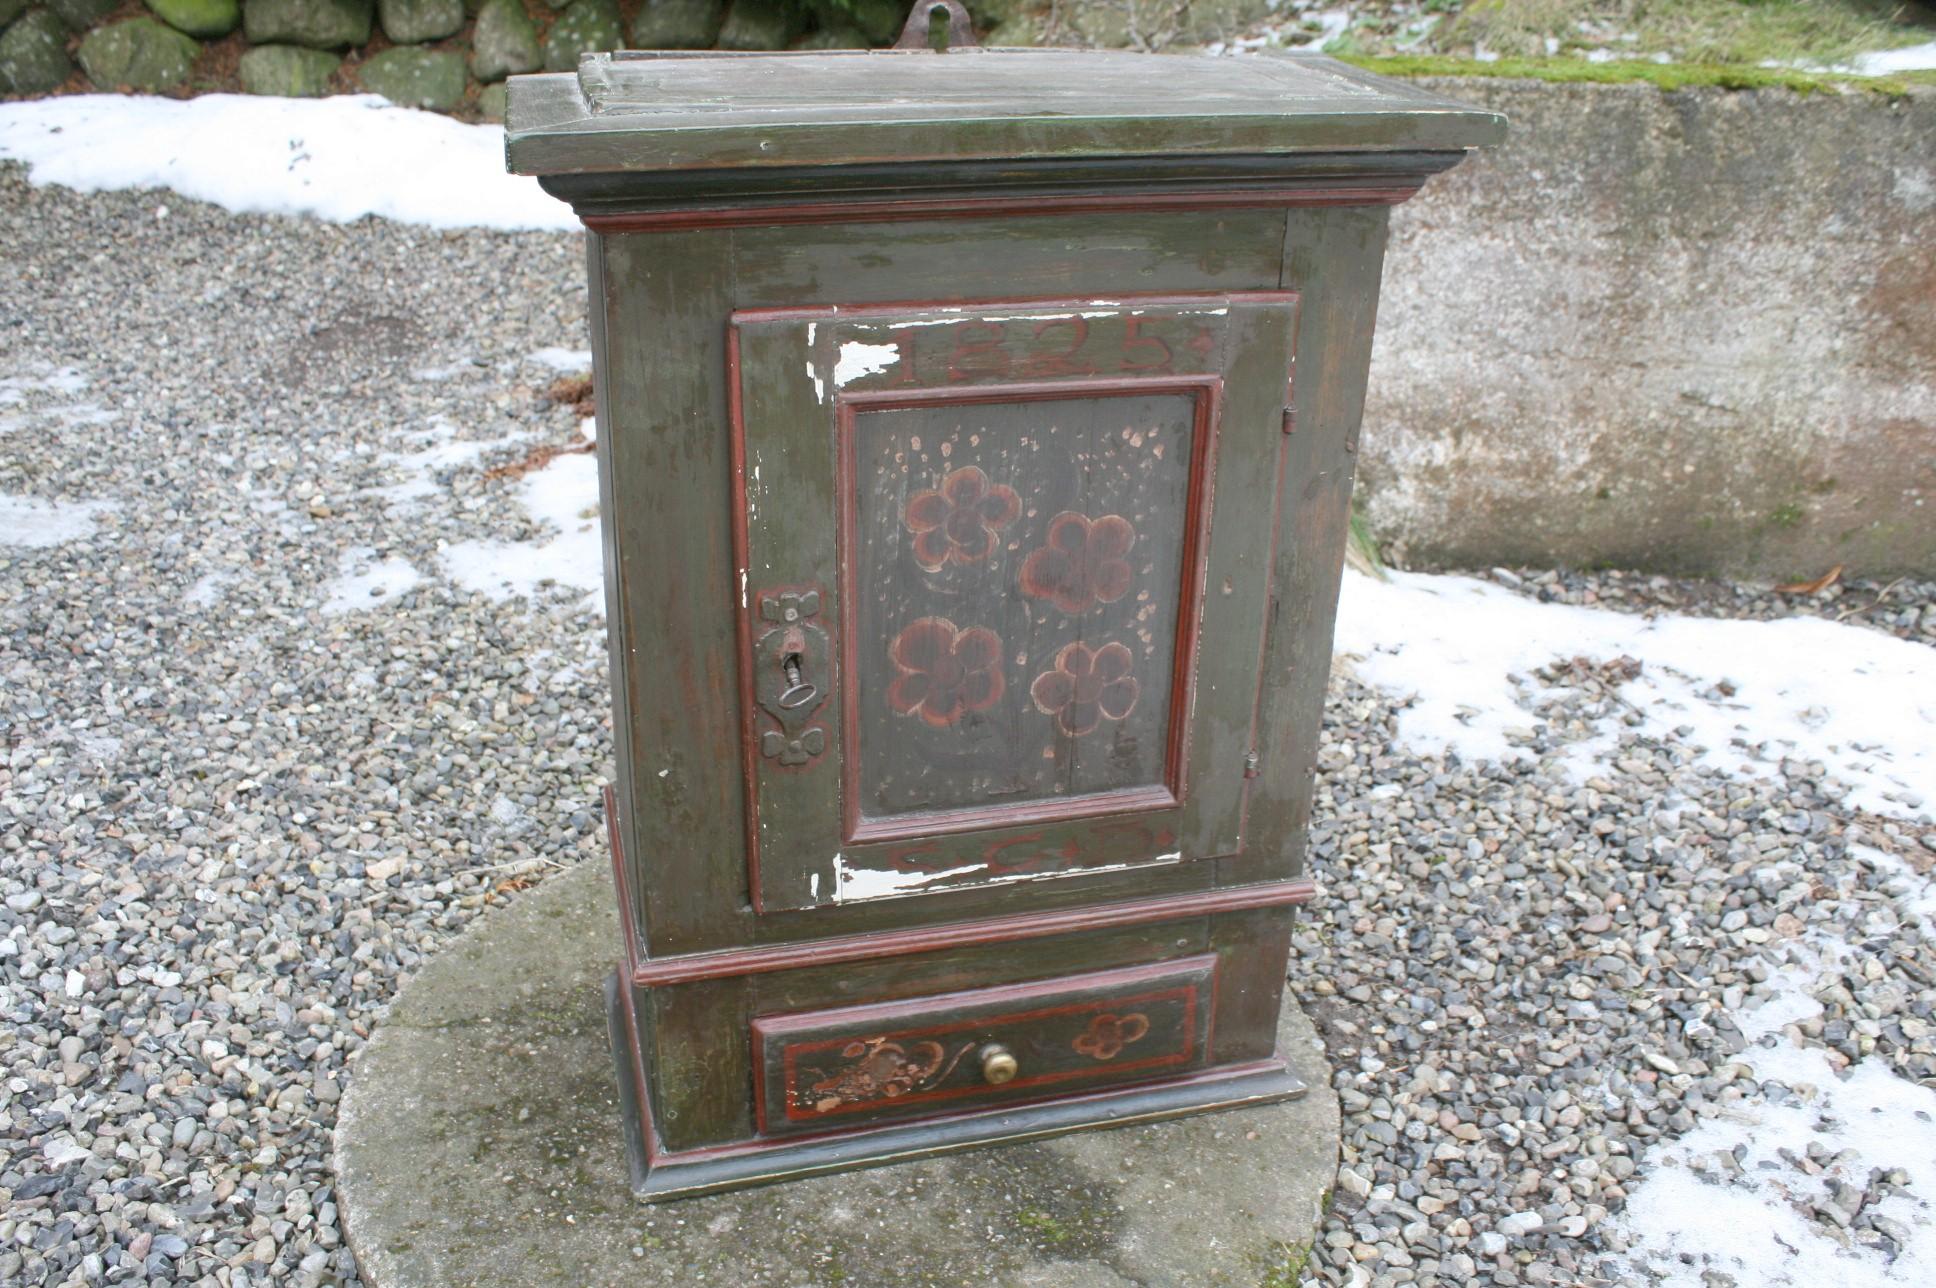 Hængeskab med senere bemaling. antikke små møbler